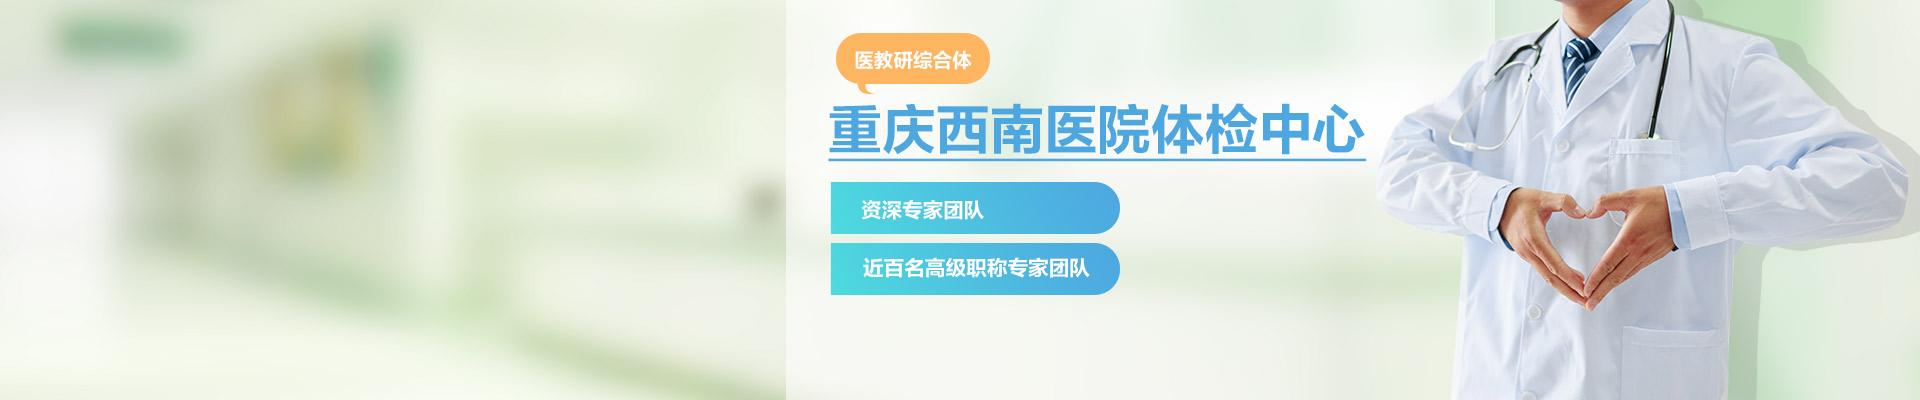 重庆西南医院体检中心PC